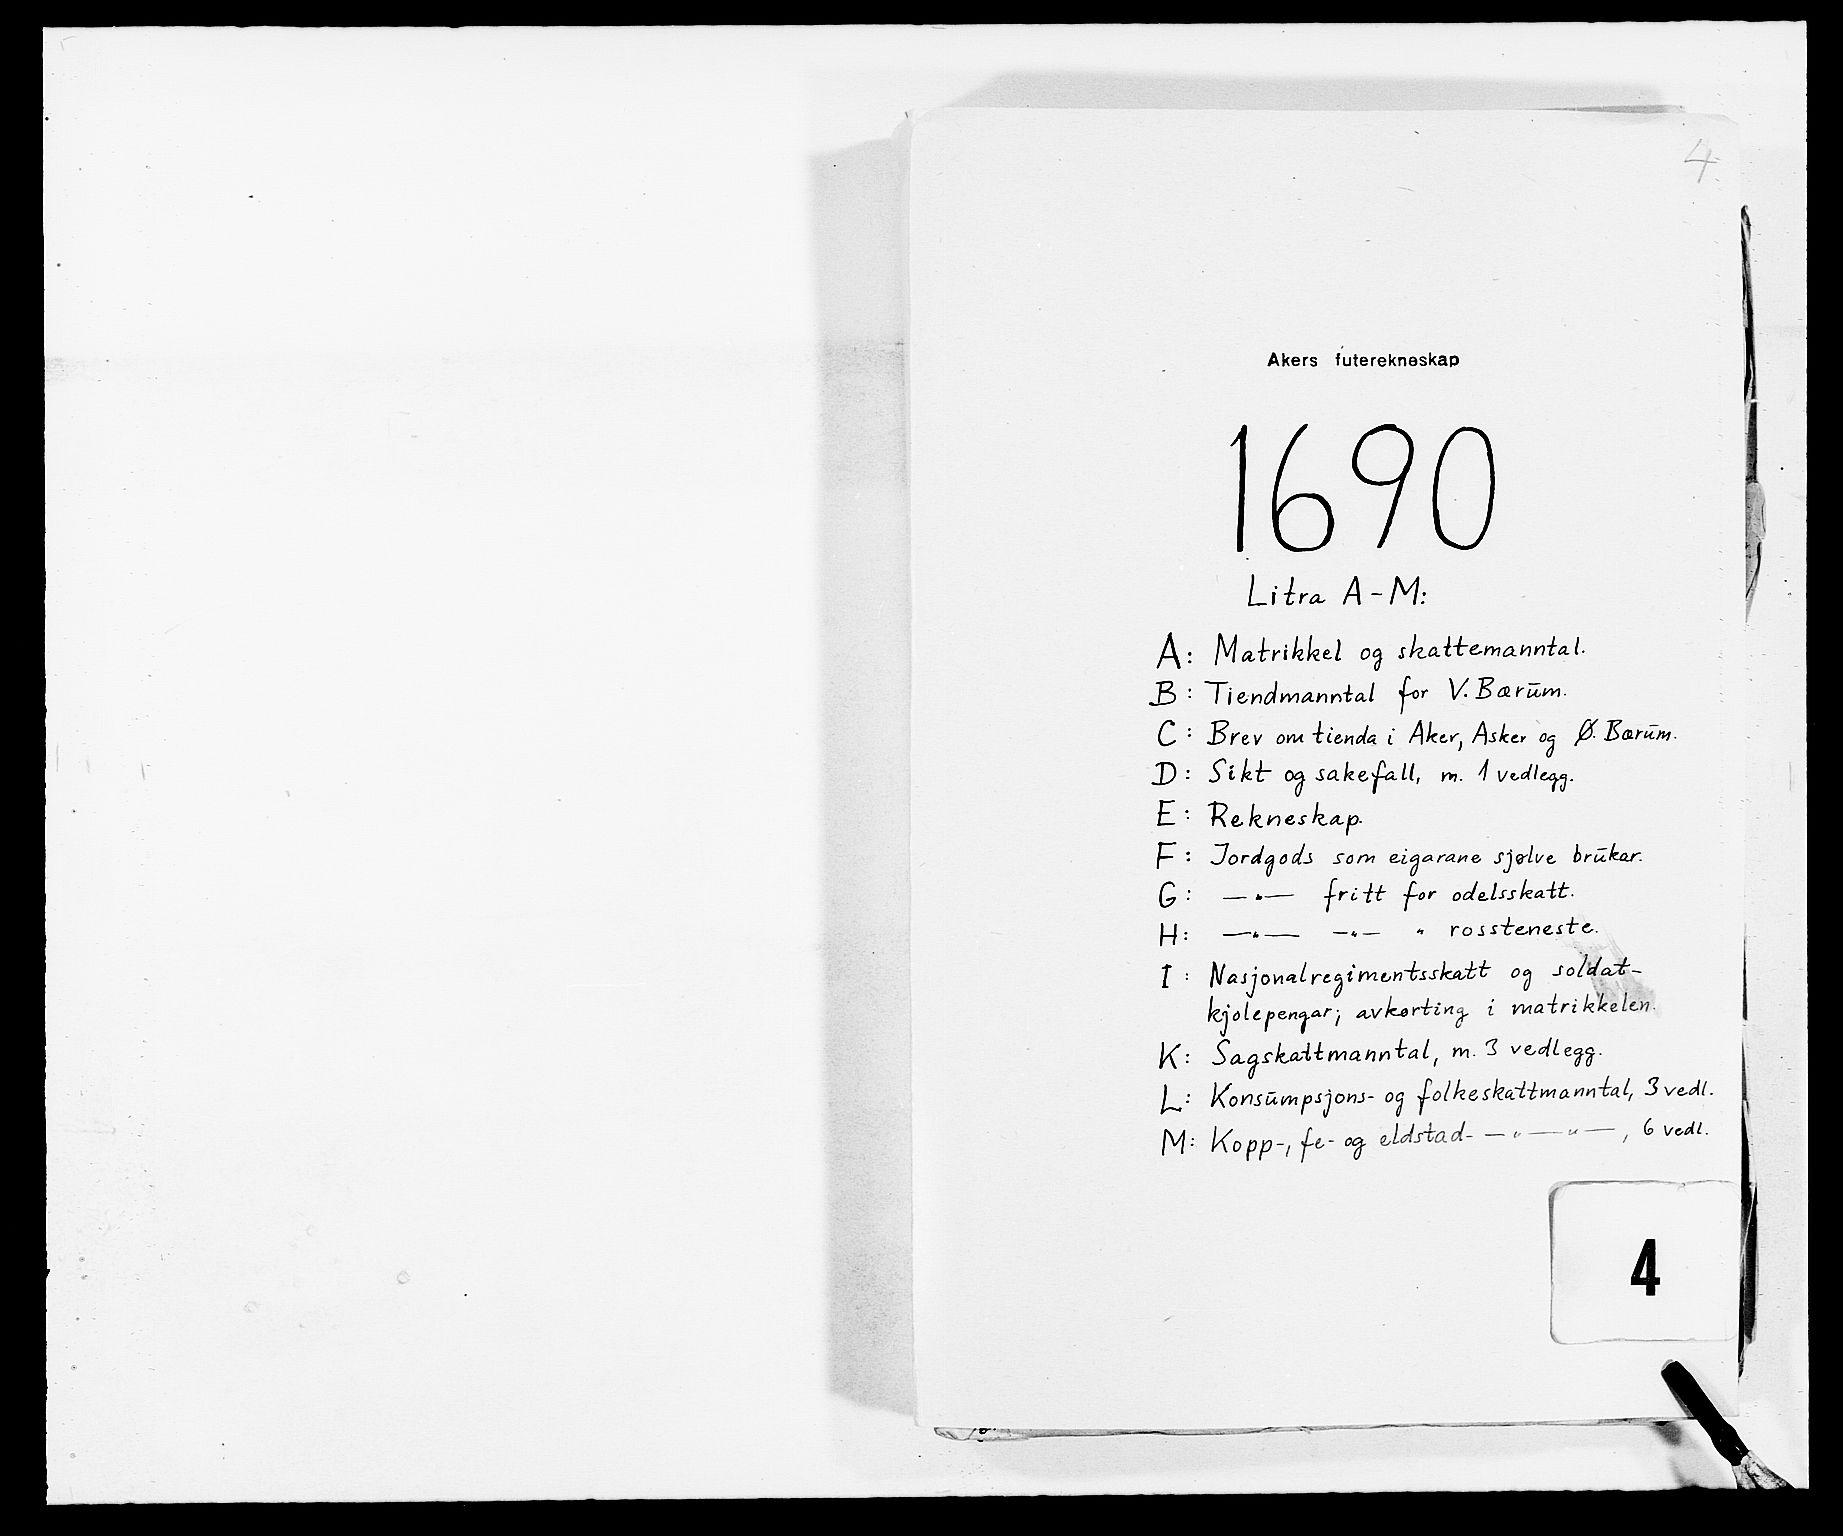 RA, Rentekammeret inntil 1814, Reviderte regnskaper, Fogderegnskap, R08/L0423: Fogderegnskap Aker, 1687-1689, s. 132